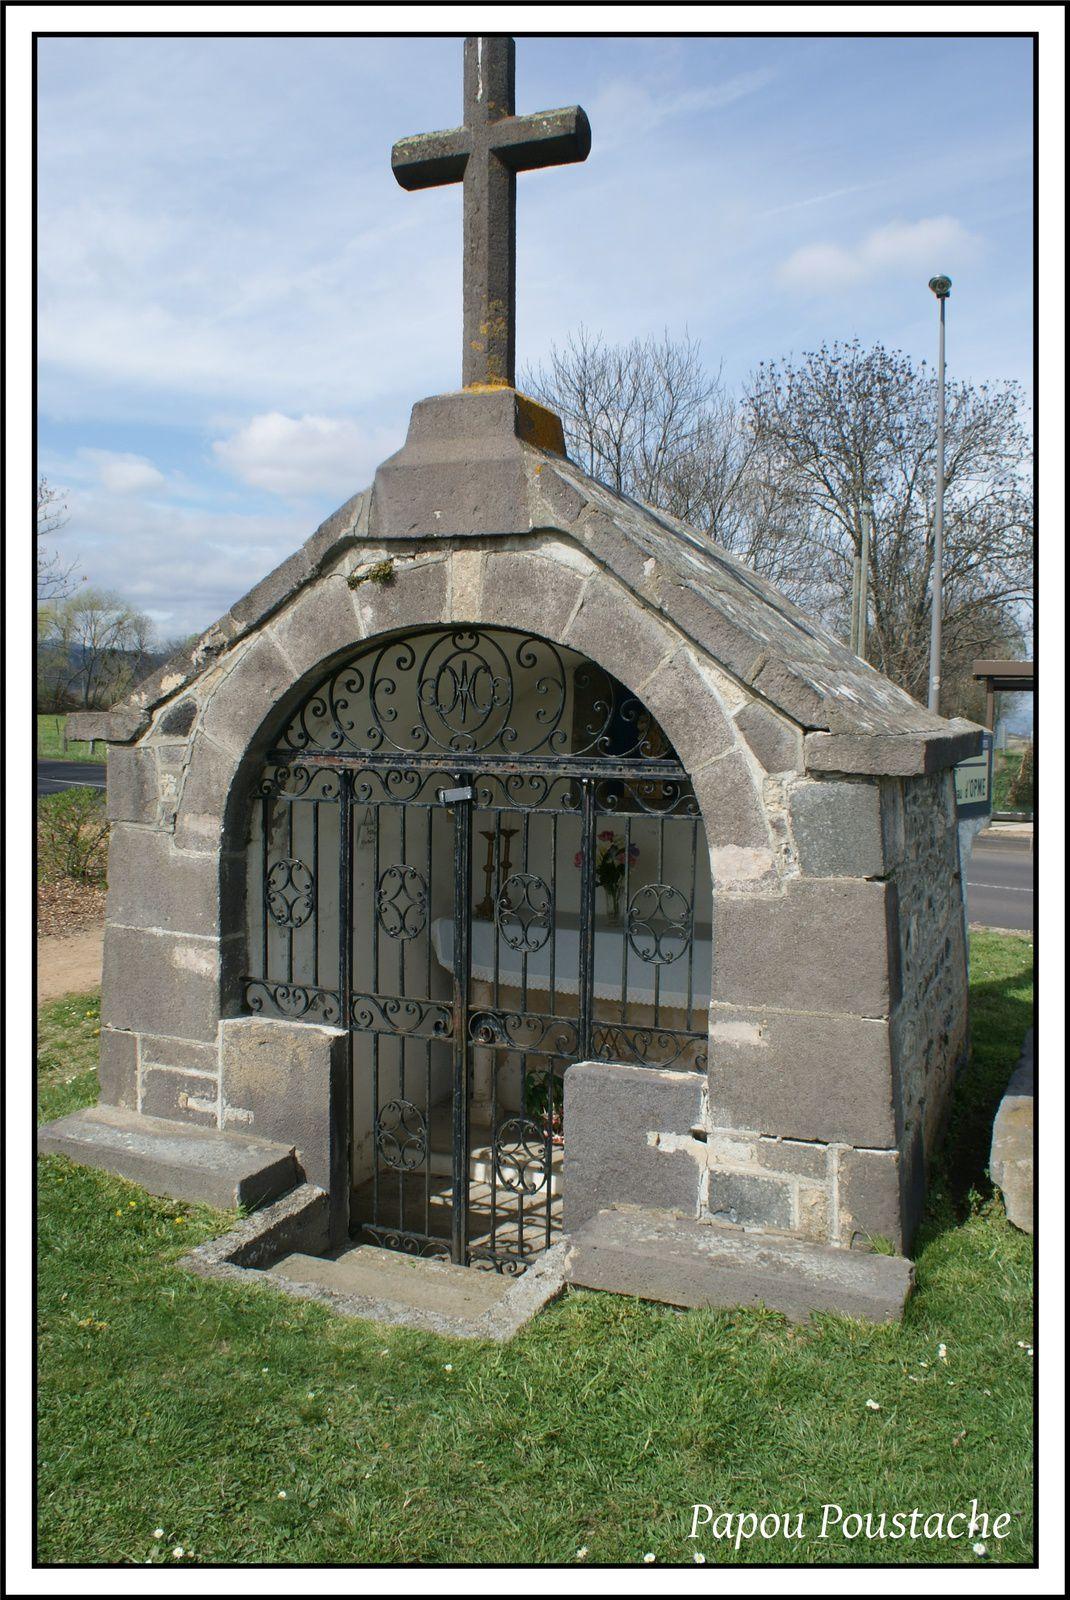 Patrimoine auvergnat:La chapelle d'Opme